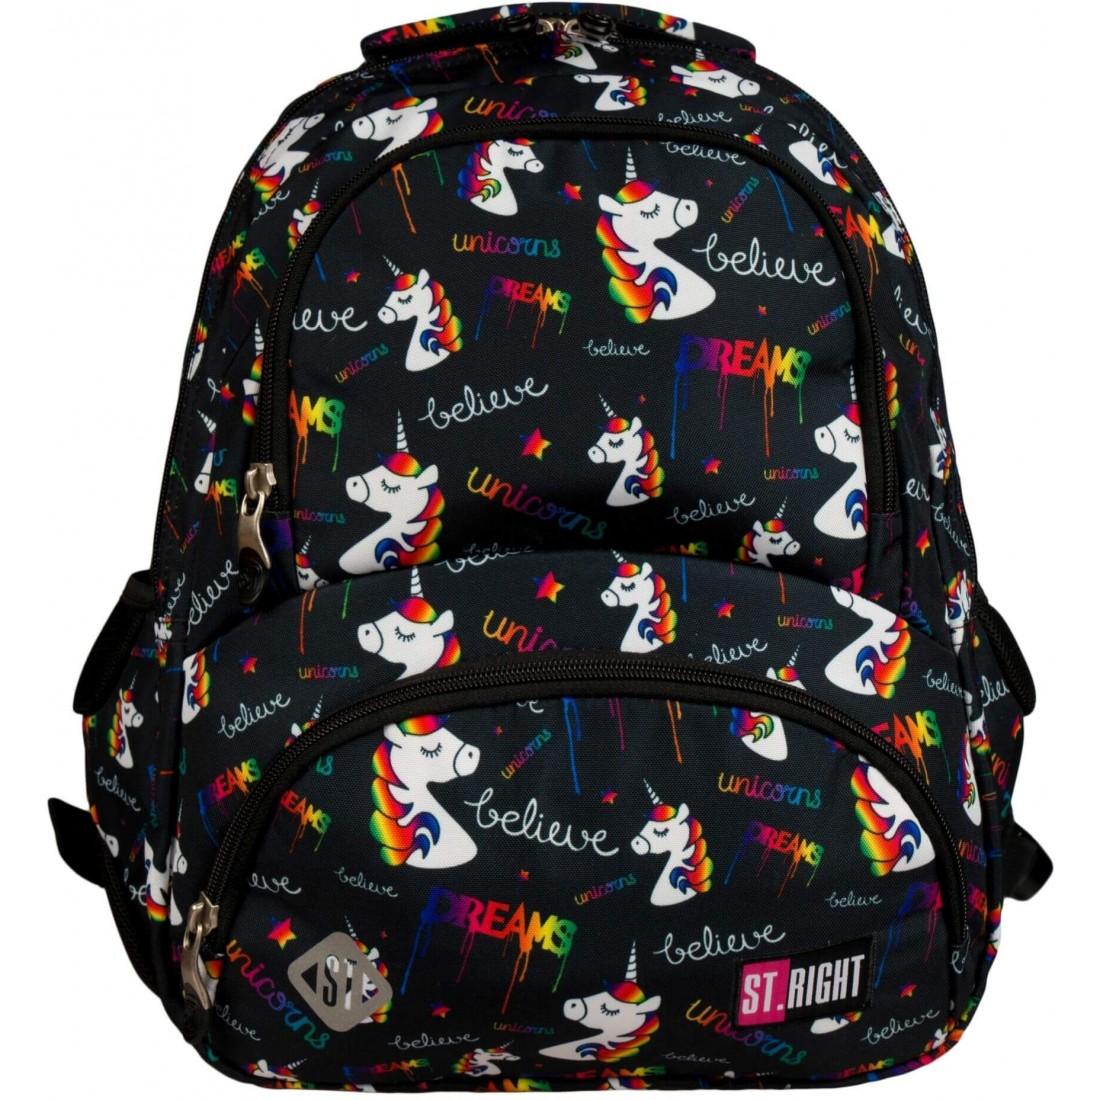 Plecak młodzieżowy ST.RIGHT UNICORNS czarny z jednorożcami BP07